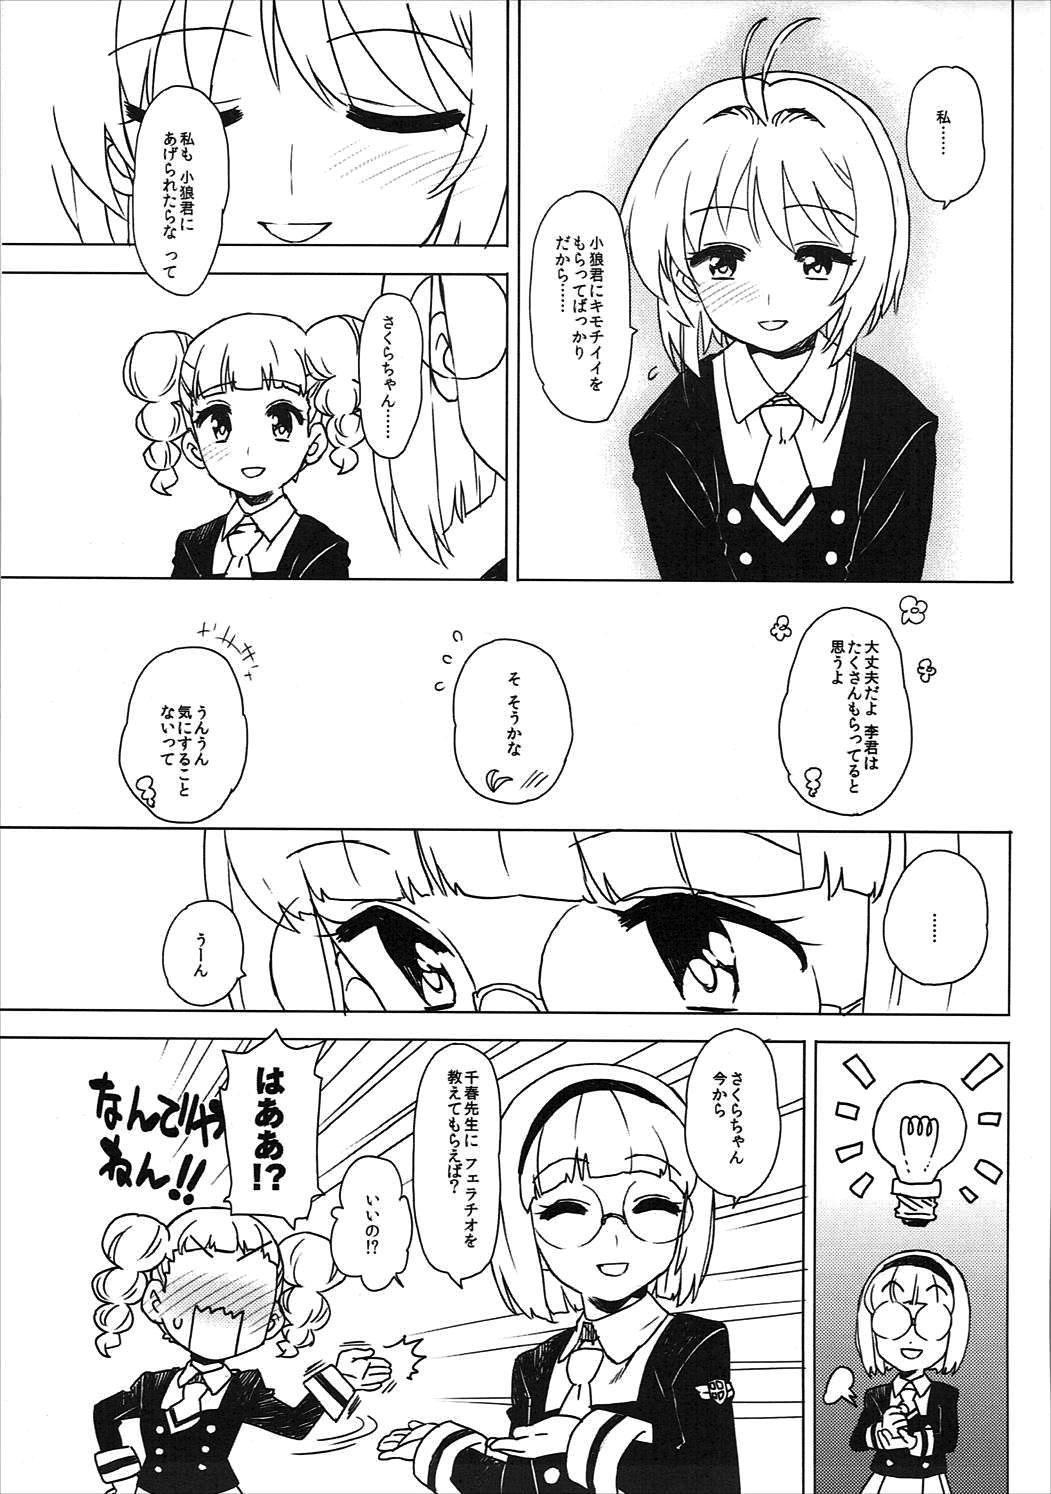 Kotaete! Syaoran-kun 5